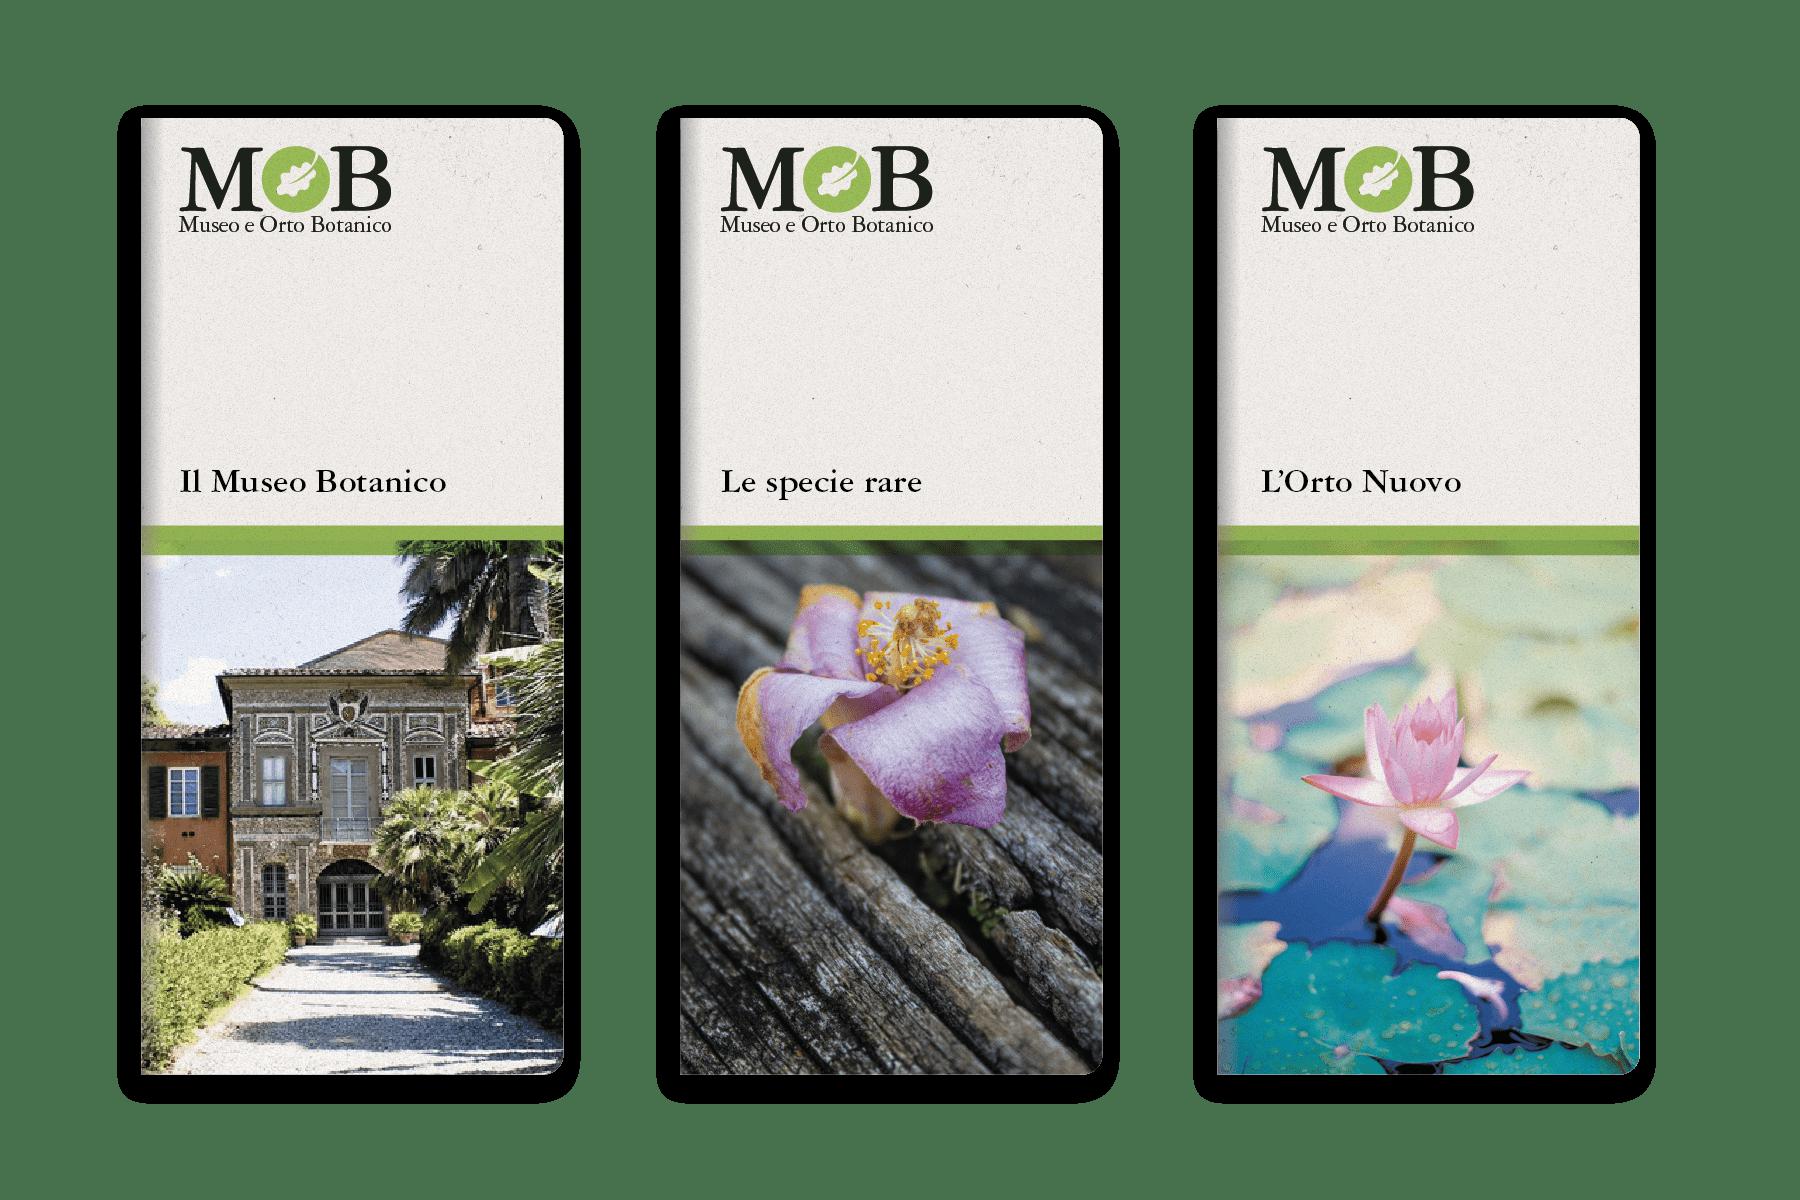 MOB Museo e Orto Botanico di Pisa